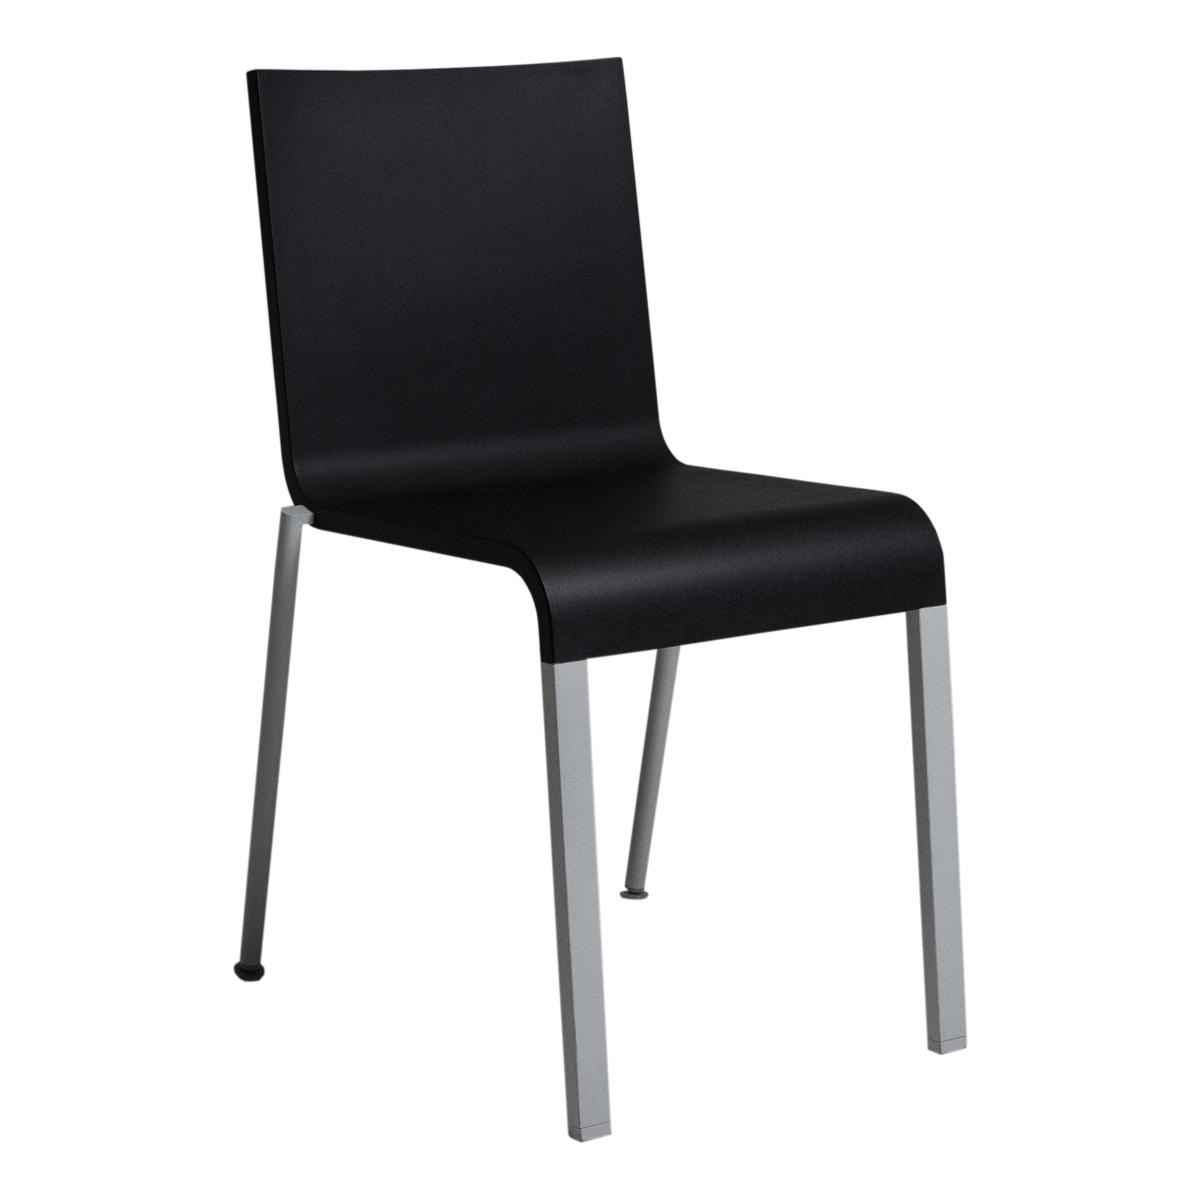 Stuhl Vitra 03, schwarz